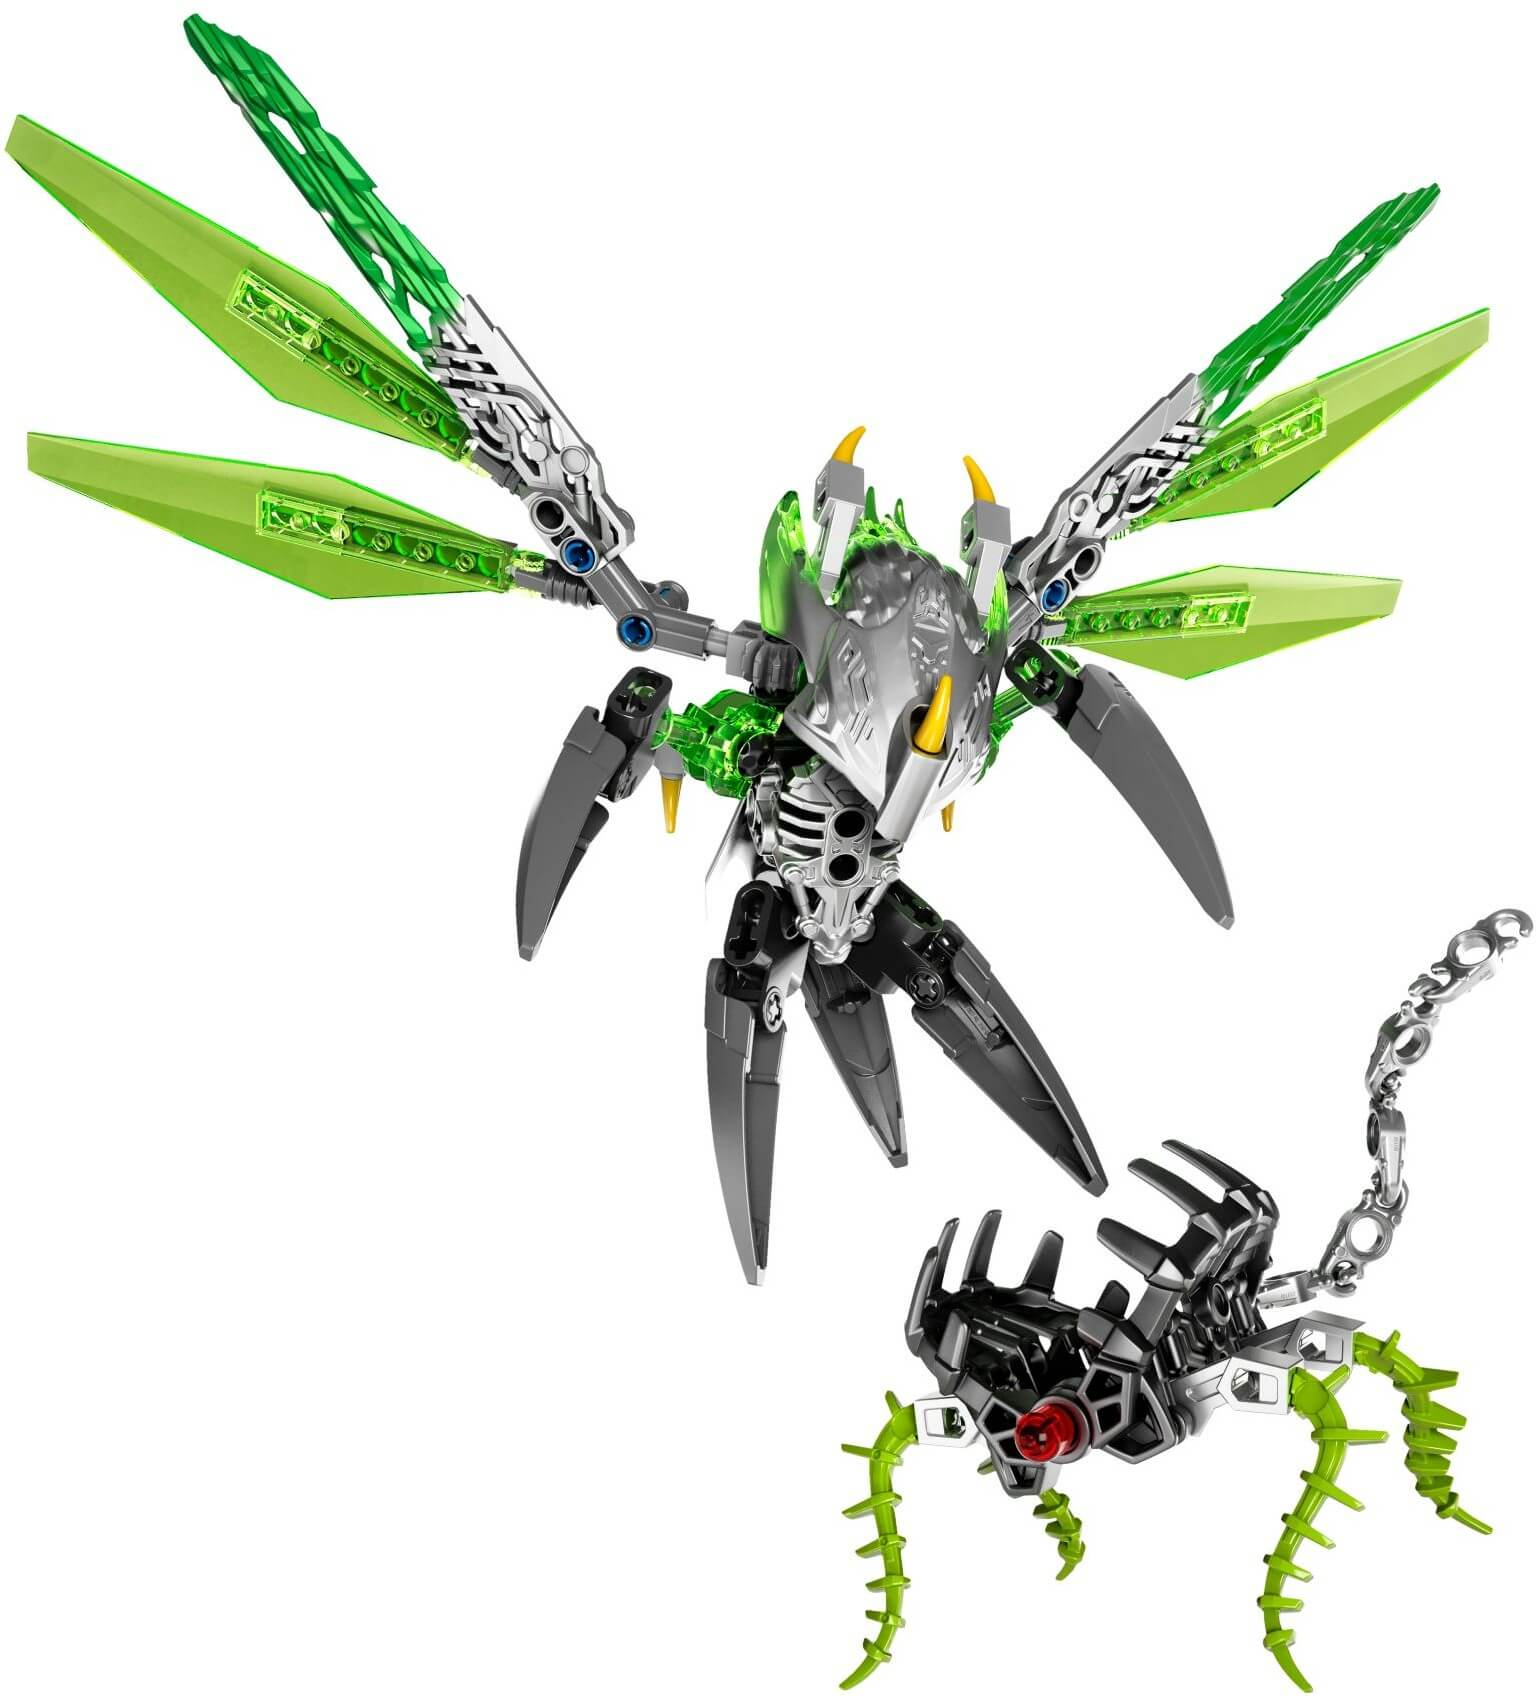 Mua đồ chơi LEGO 71300 - LEGO BIONICLE 71300 - Sinh vật Rừng Uxar (LEGO BIONICLE Uxar Creature of Jungle 71300)